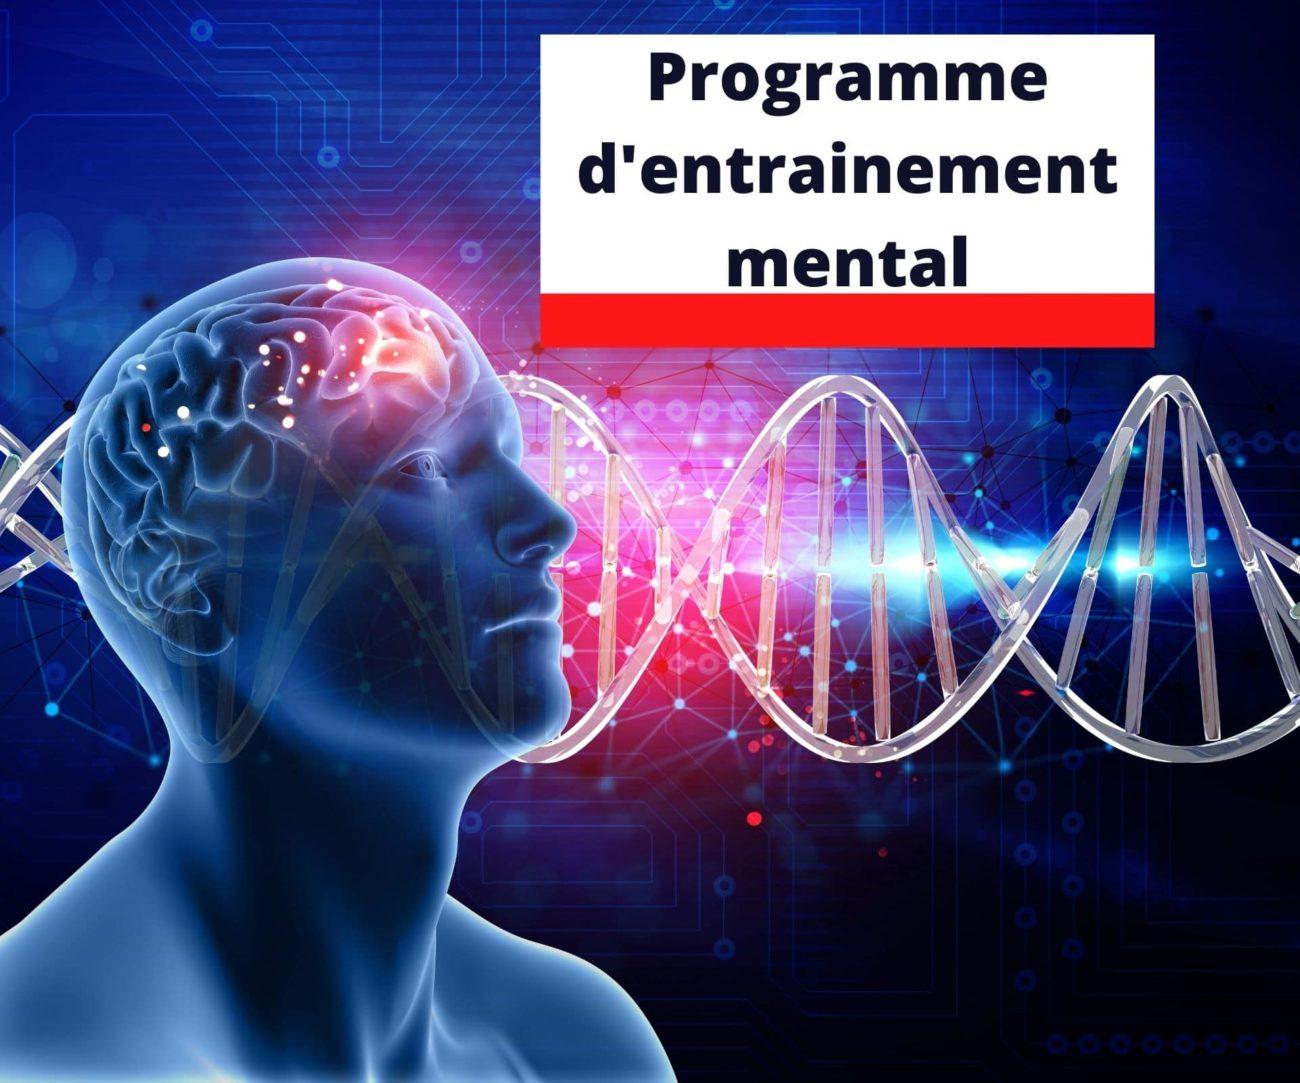 entrainement mental